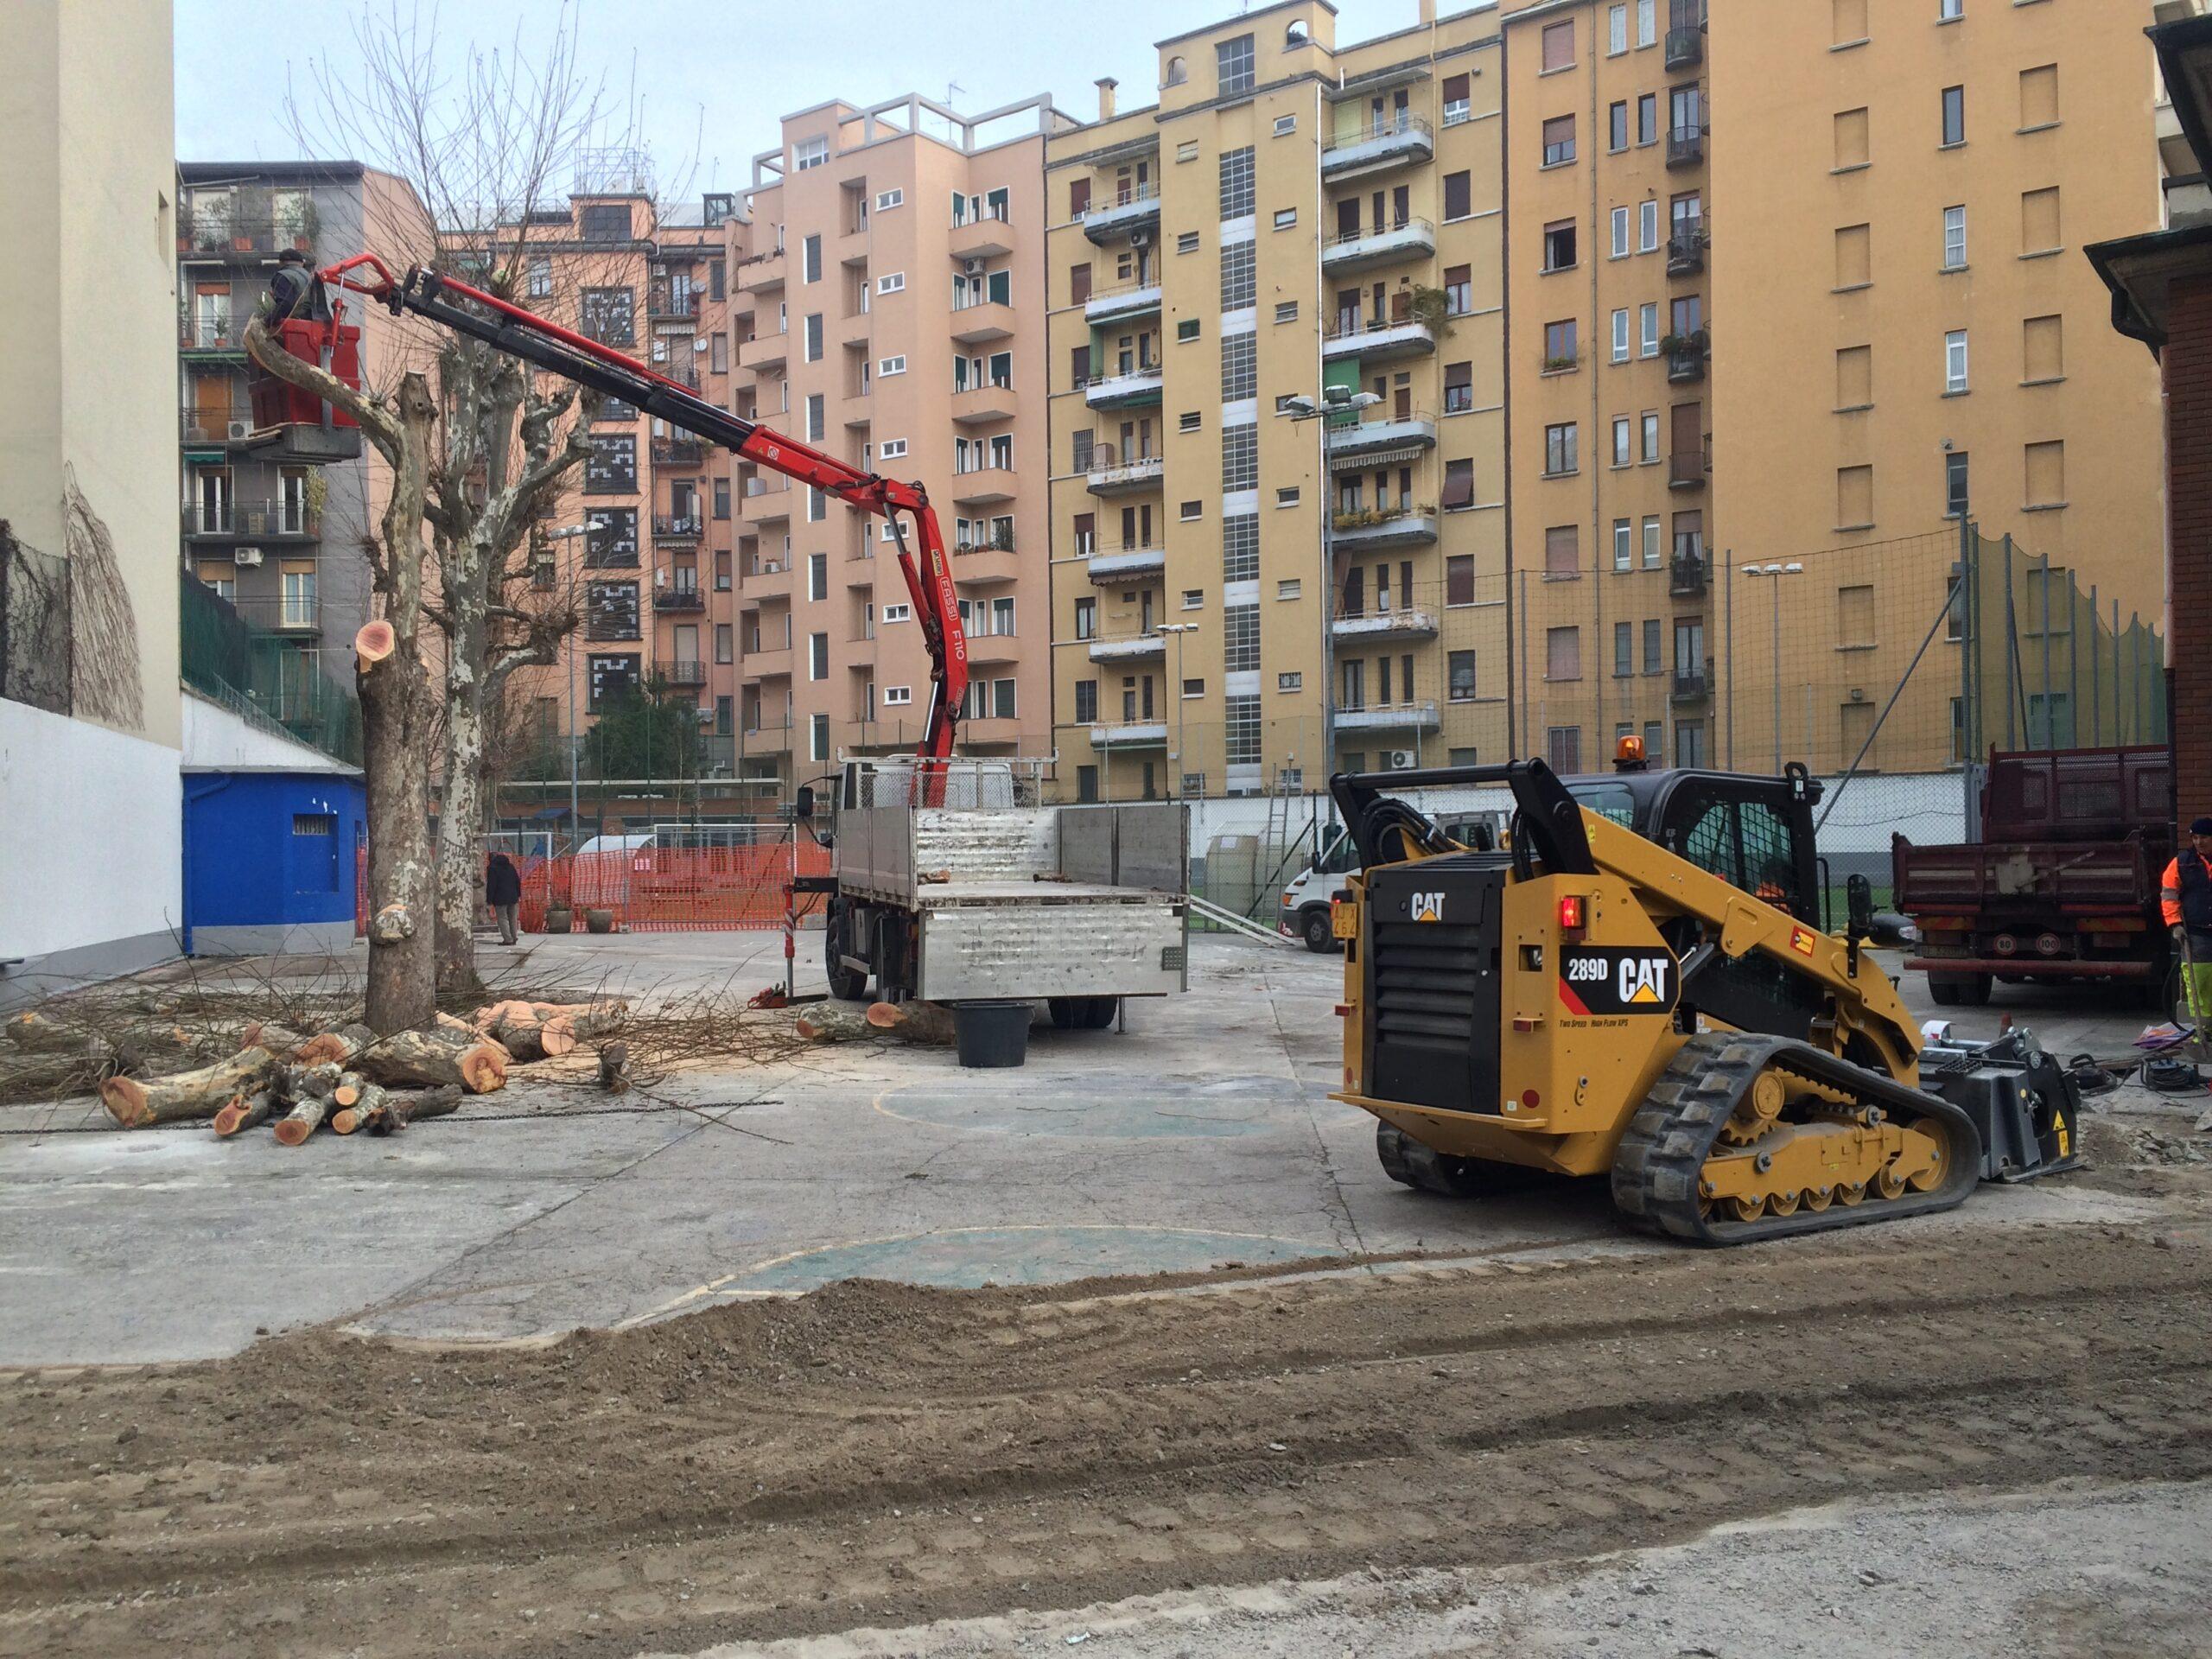 3. Potatura alberi esistenti mediante piattaforma semovente a braccio: lavori in corso.